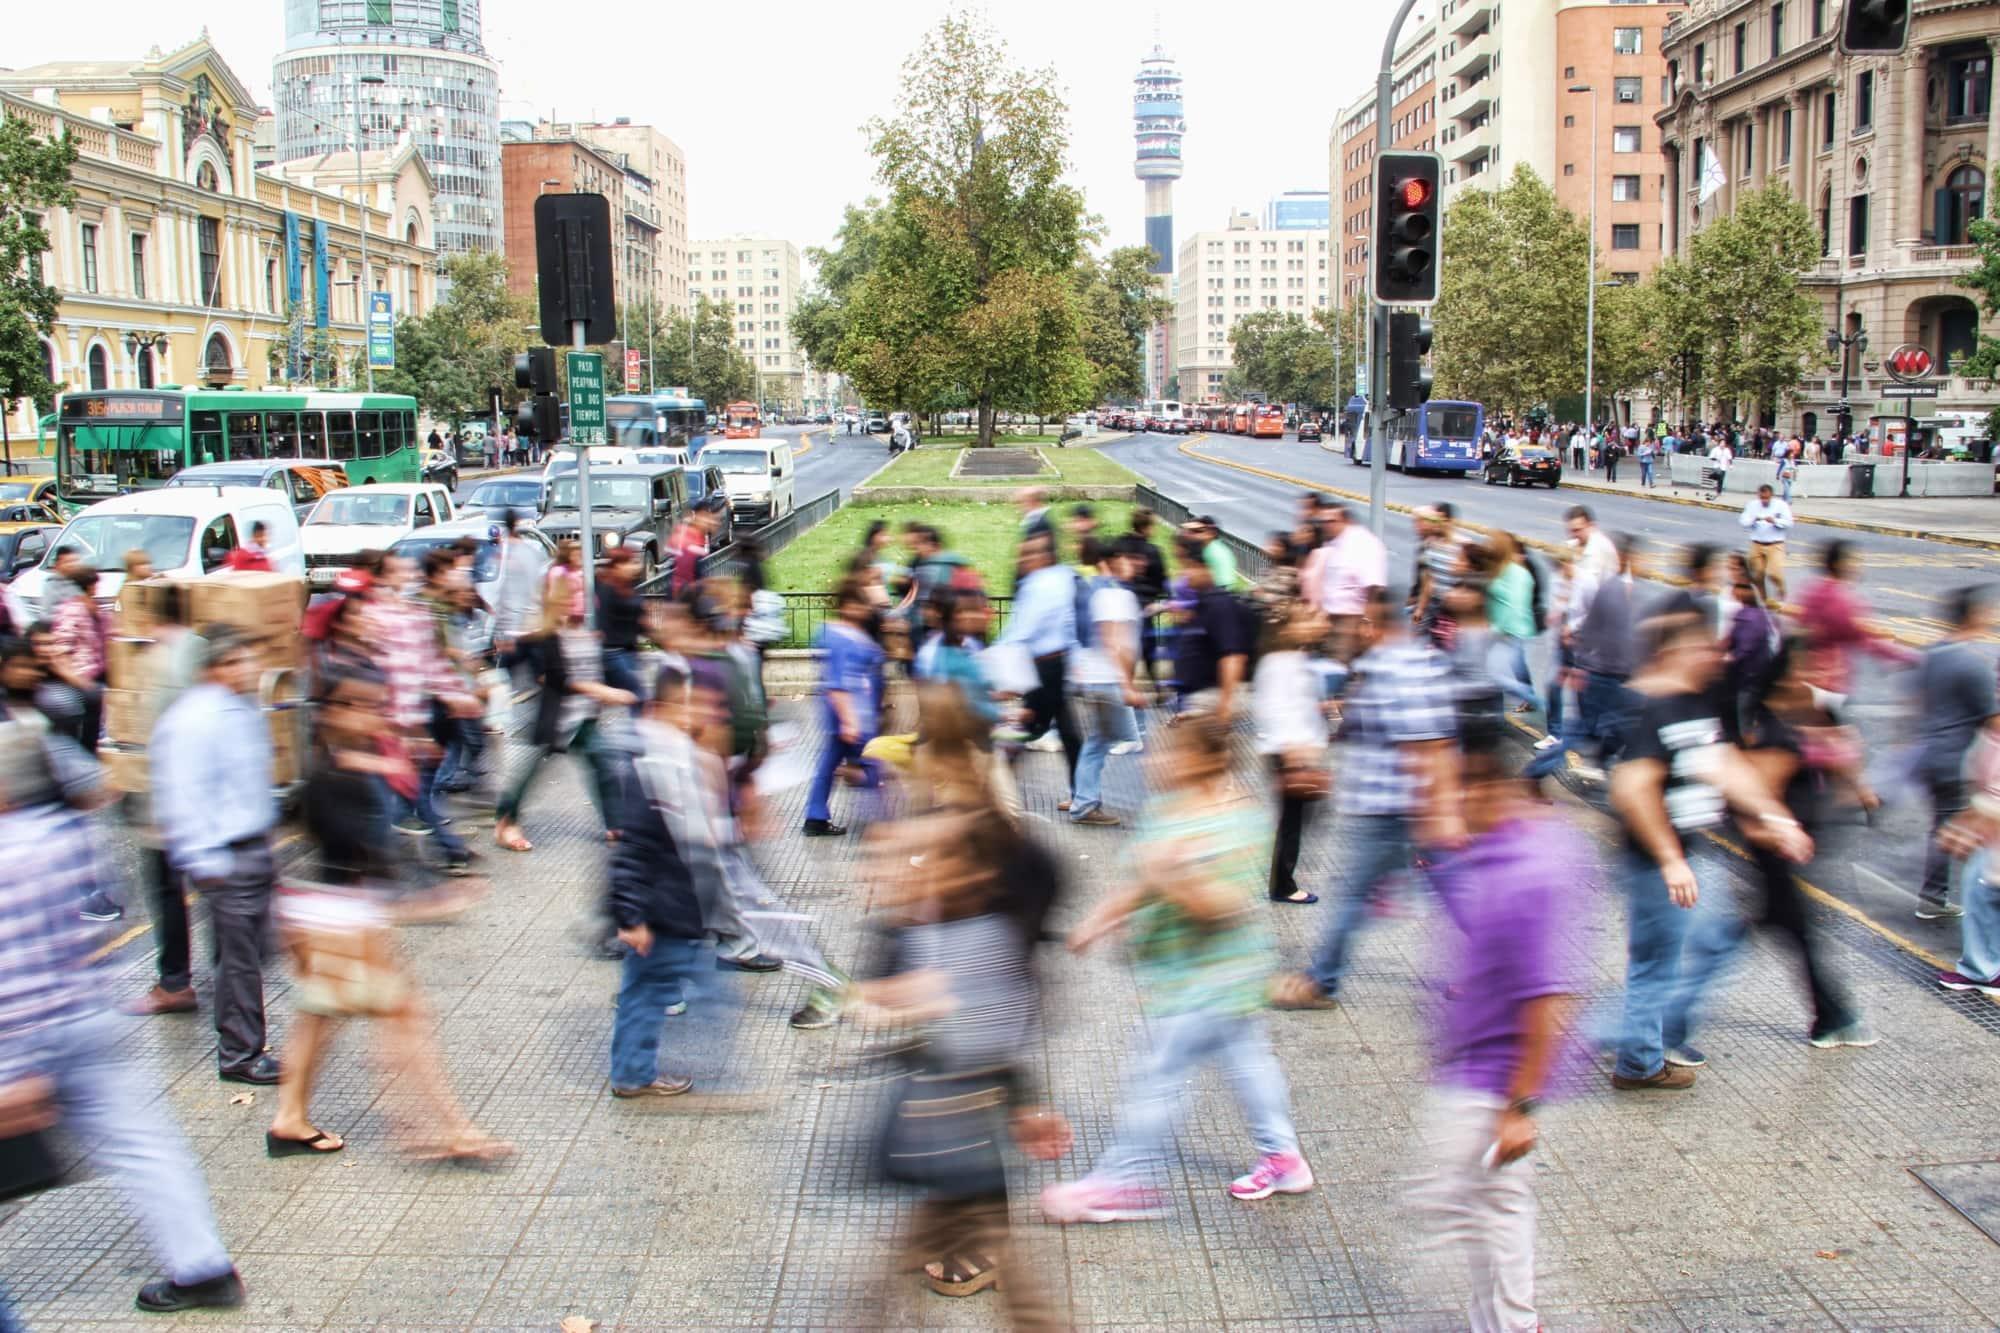 Menschen laufen durcheinander auf den Straßen von Santiago de Chile